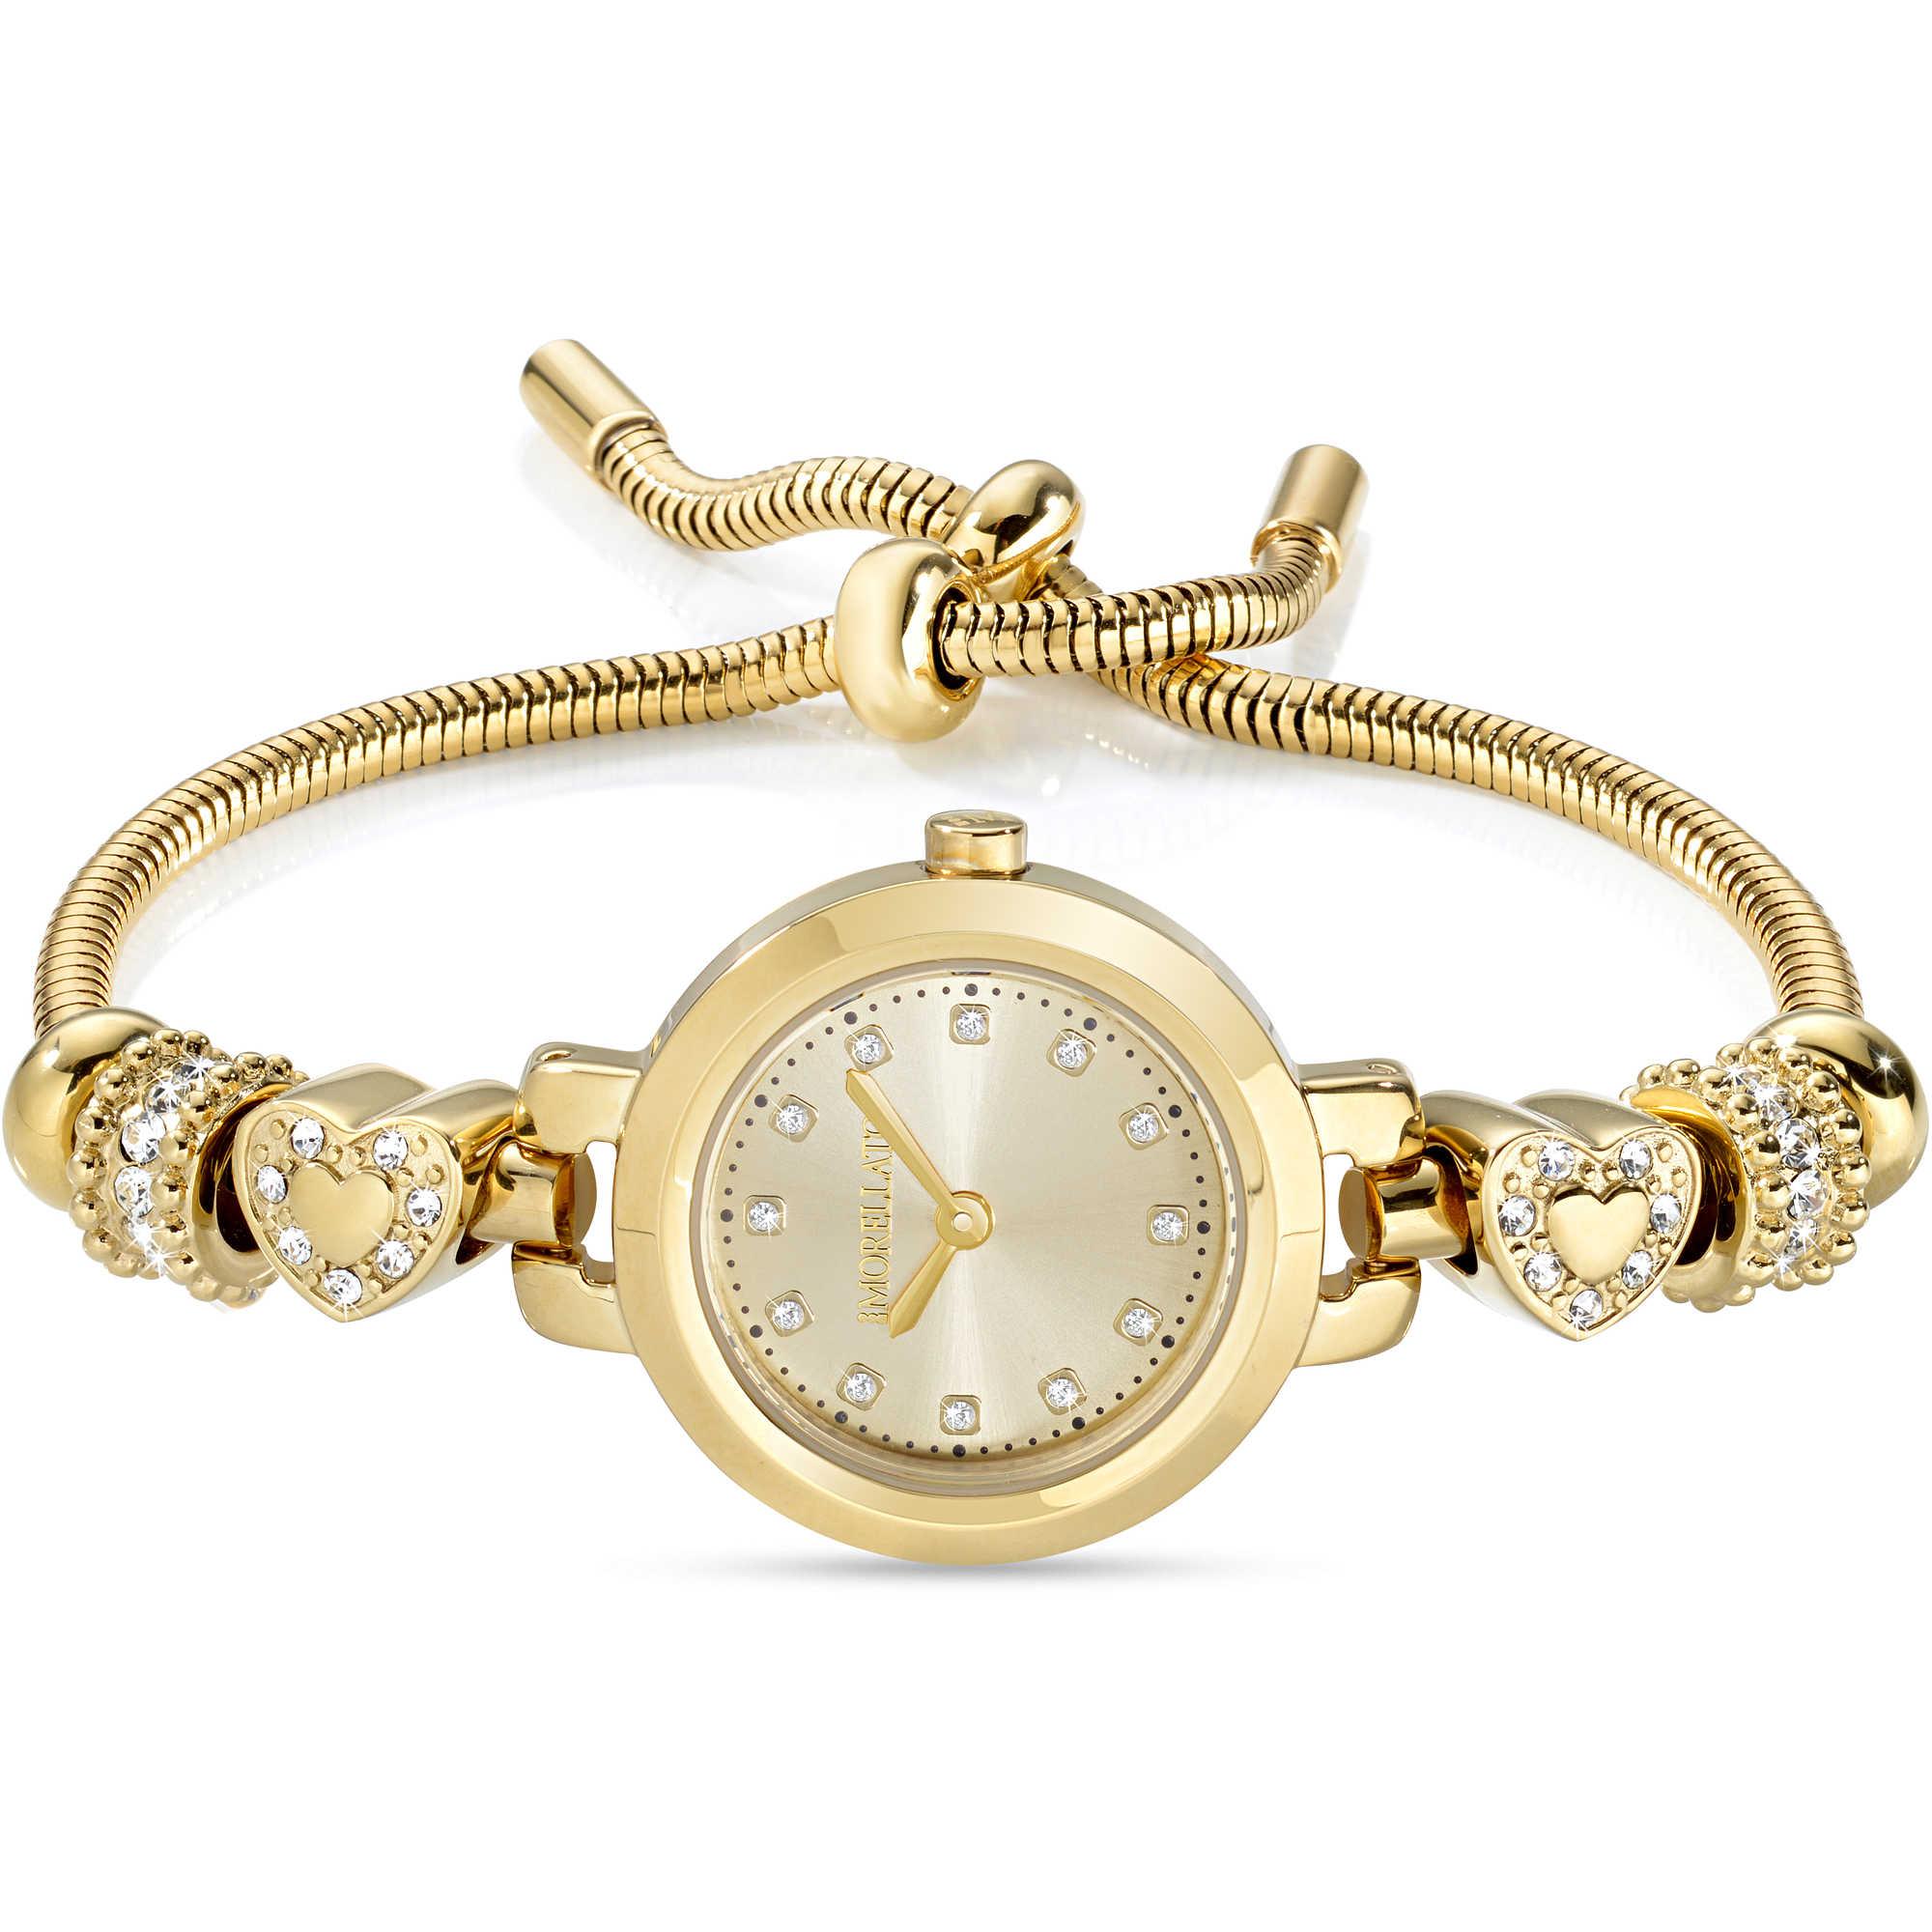 ... Hodinky Morellato Drops - TIME Delicate gold heart 1 3 ... bdd8ef06574